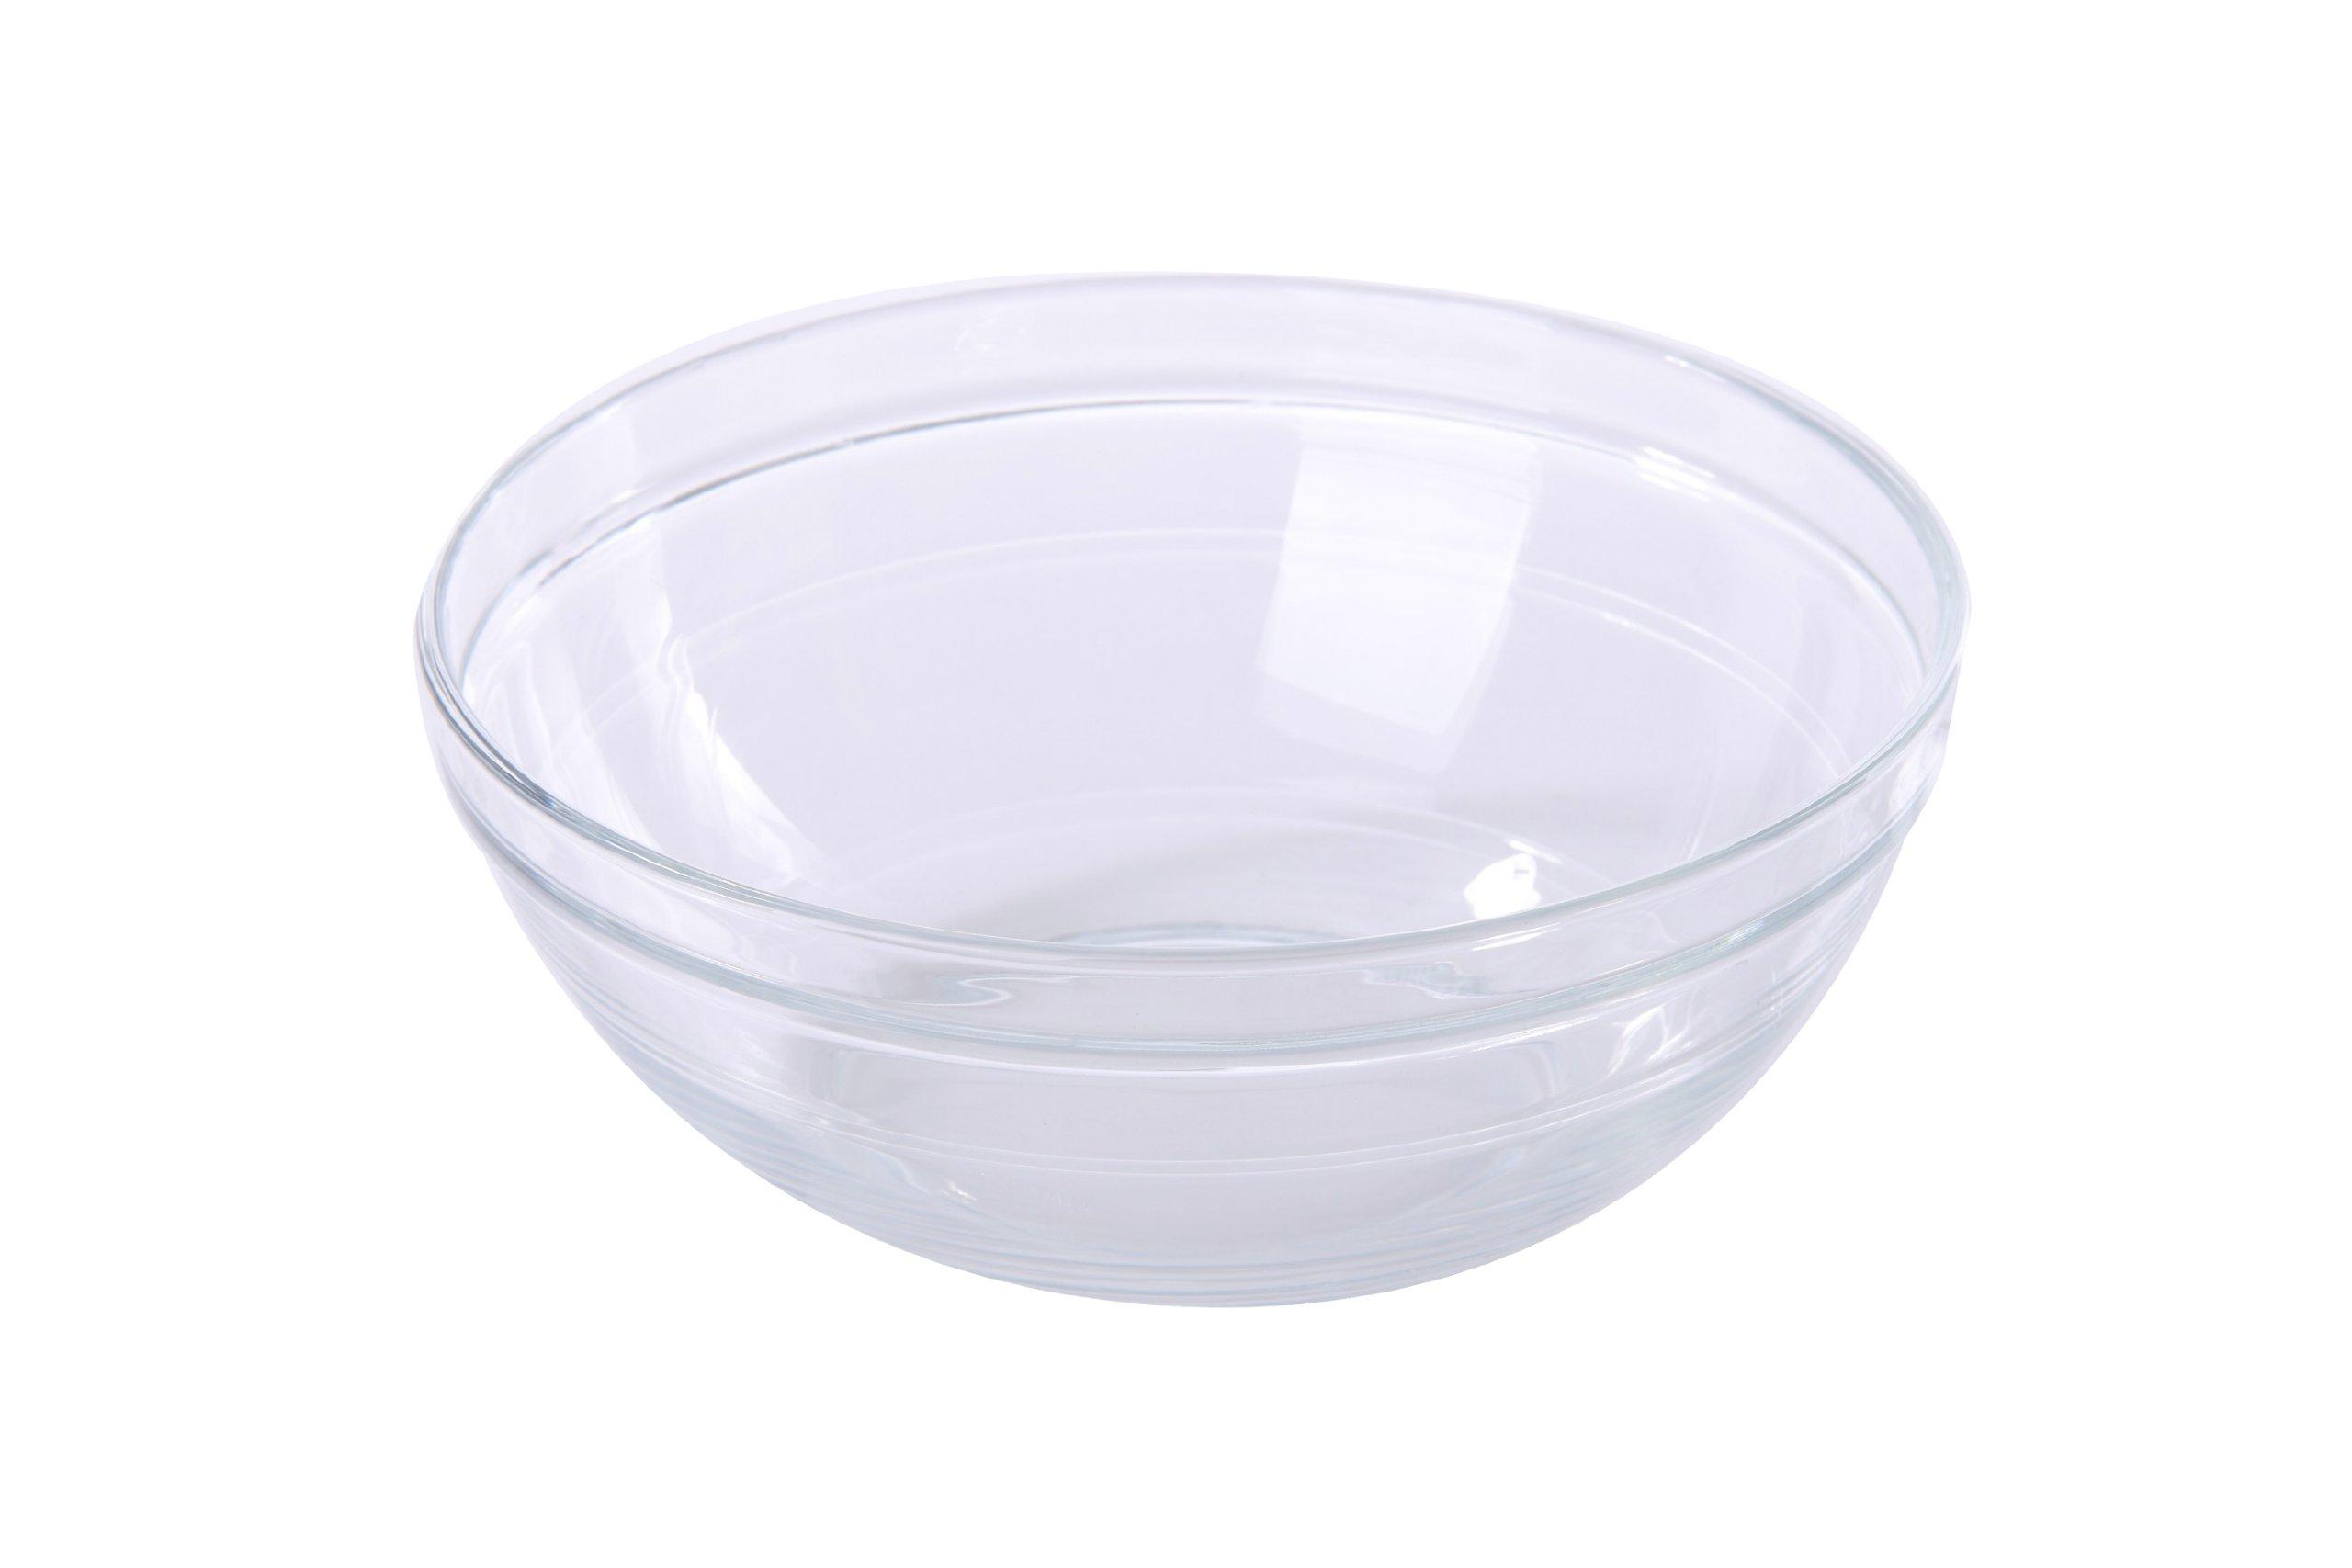 Duralex Lys Stackable Clear Bowl, Size: 1 ½ Quart